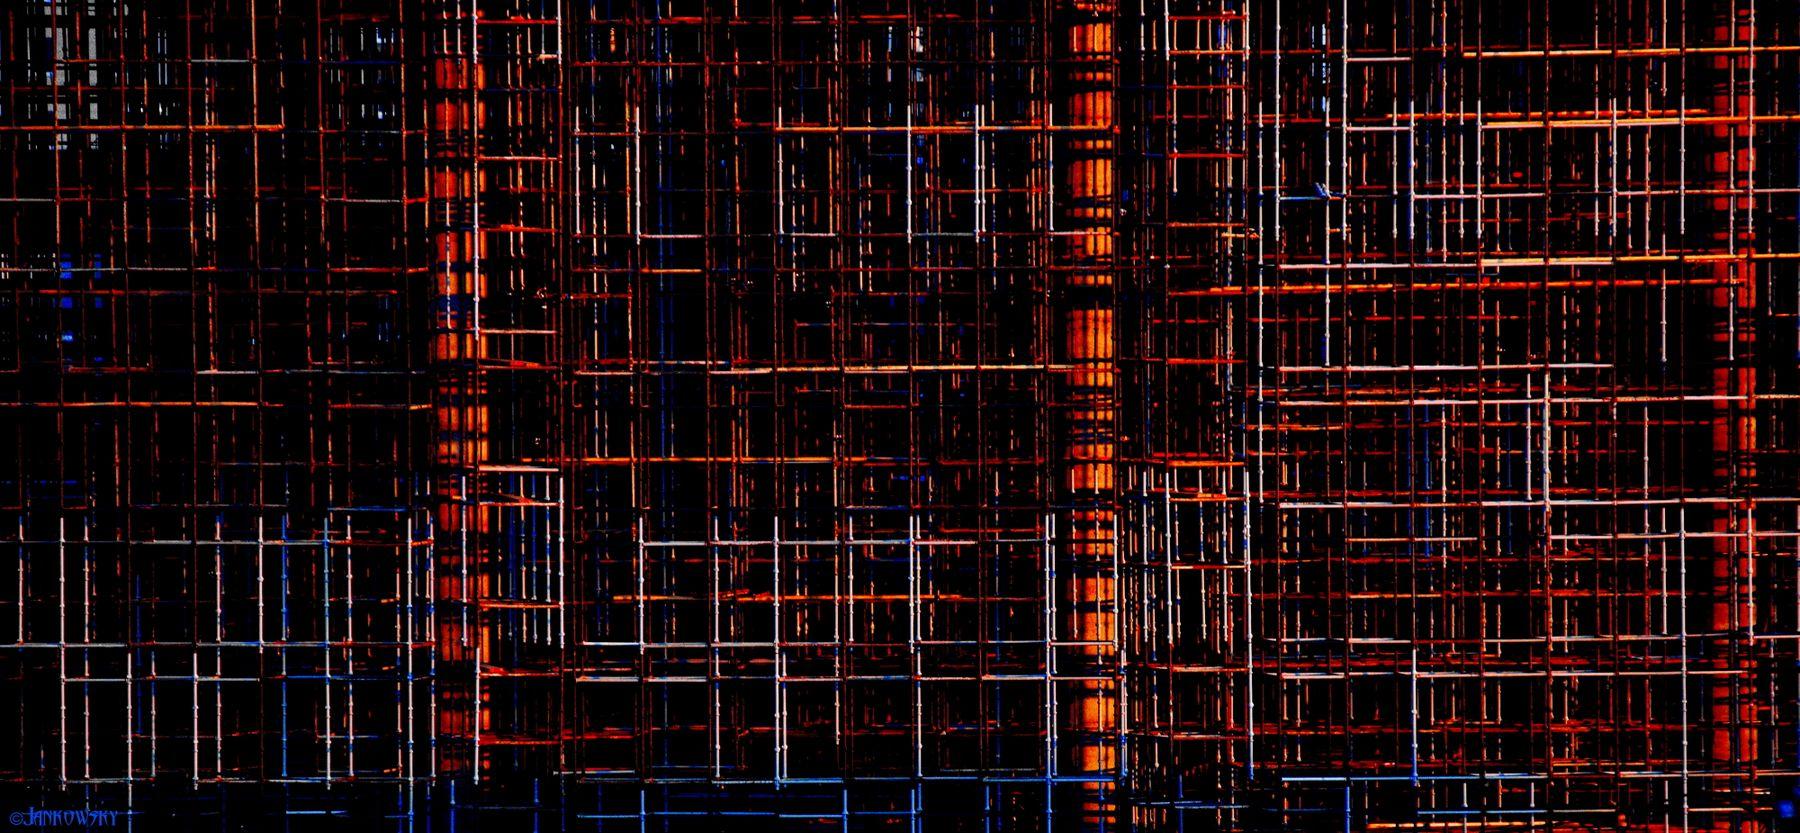 Техногенно-матричная структура структура соты металл клетка арена каркас железобетон омск спорт матрица концептуальное